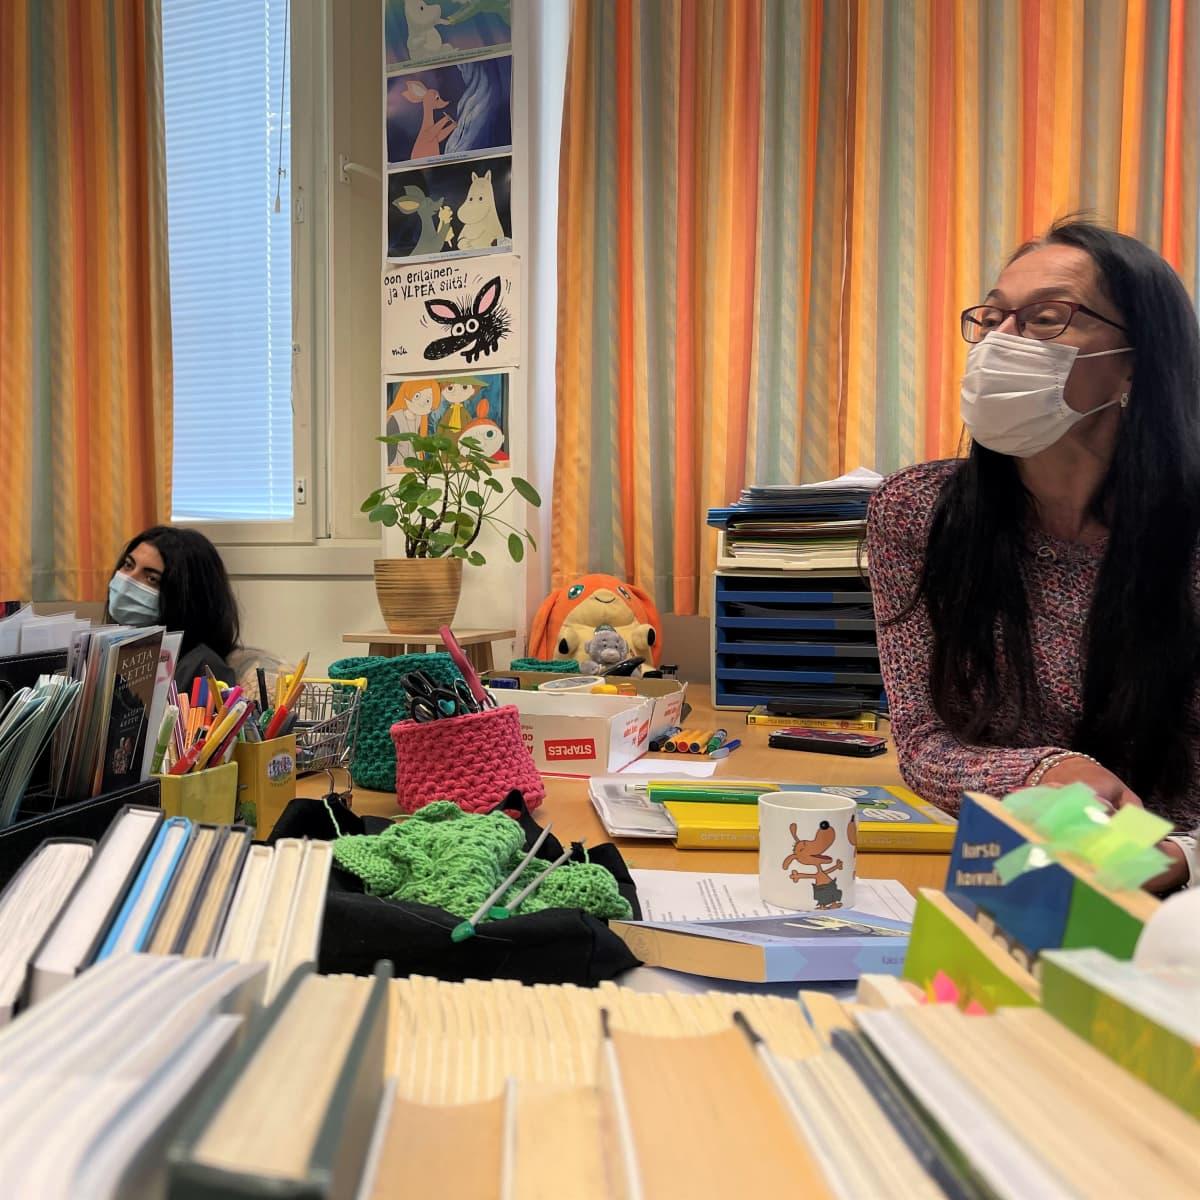 Naisopettaja opettajanpöydän takana